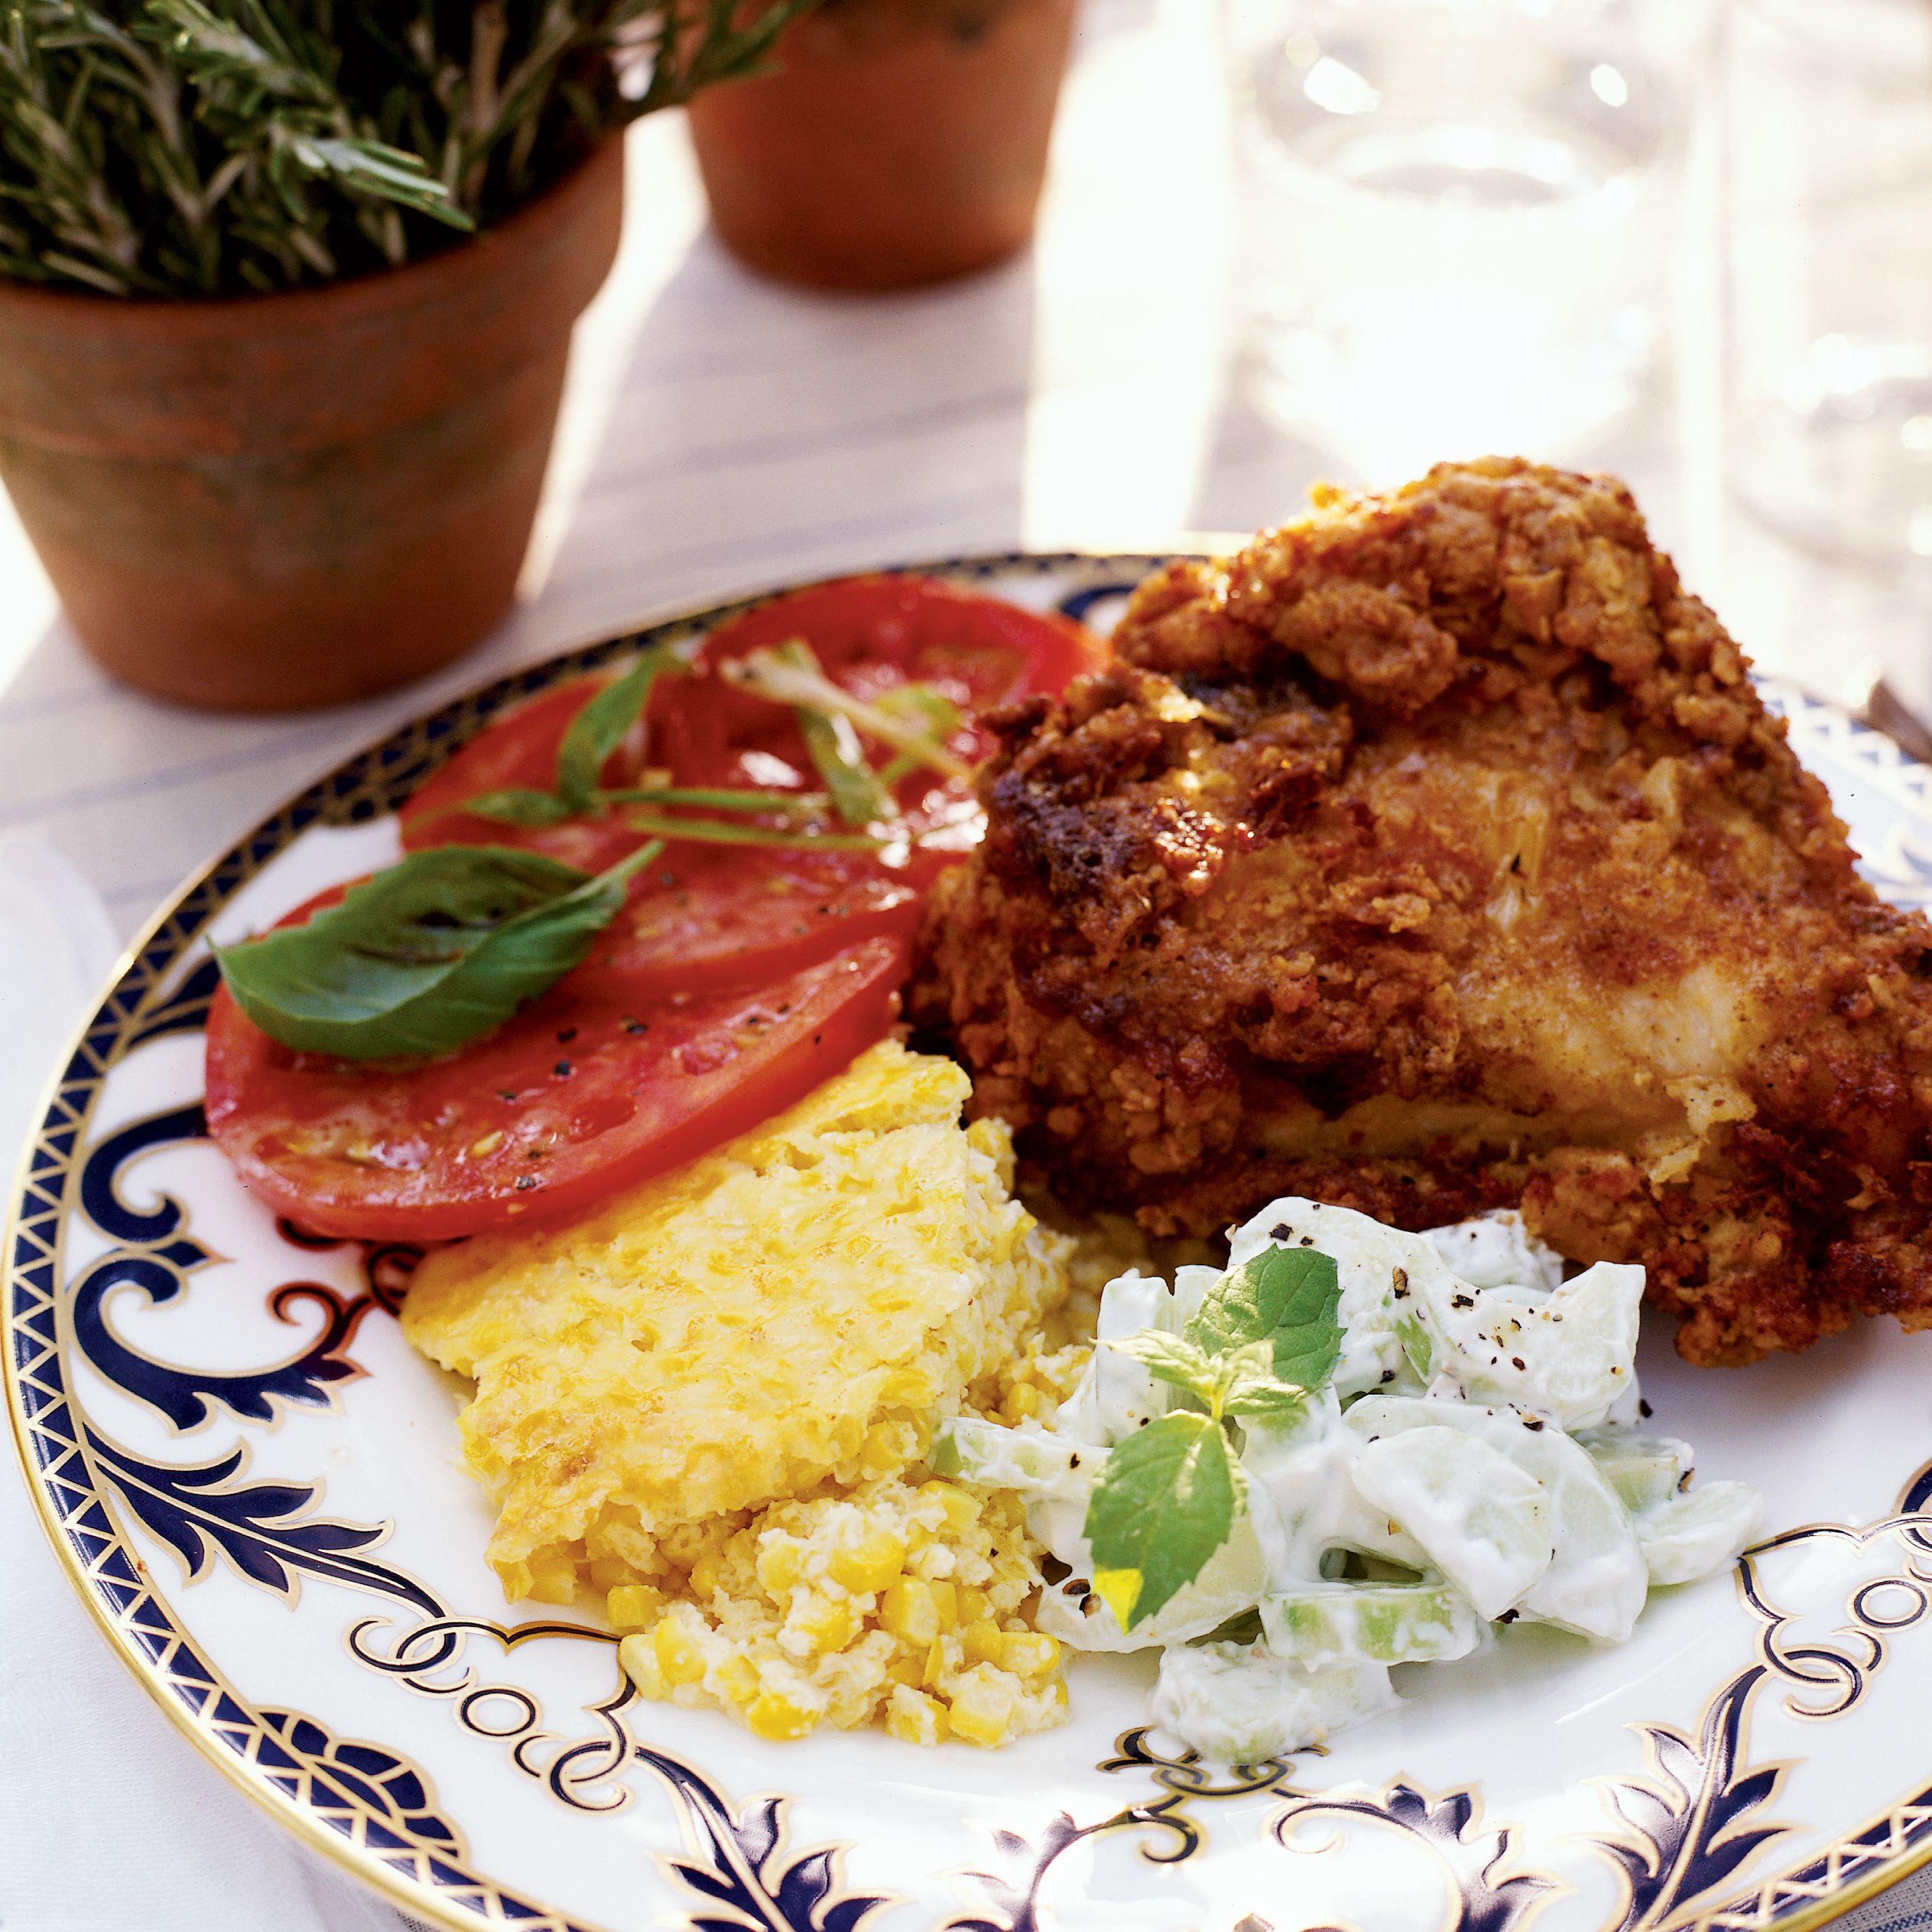 Arrowhead Farms Fried Chicken Recipe Chicken Recipes Fried Chicken Wine Recipes